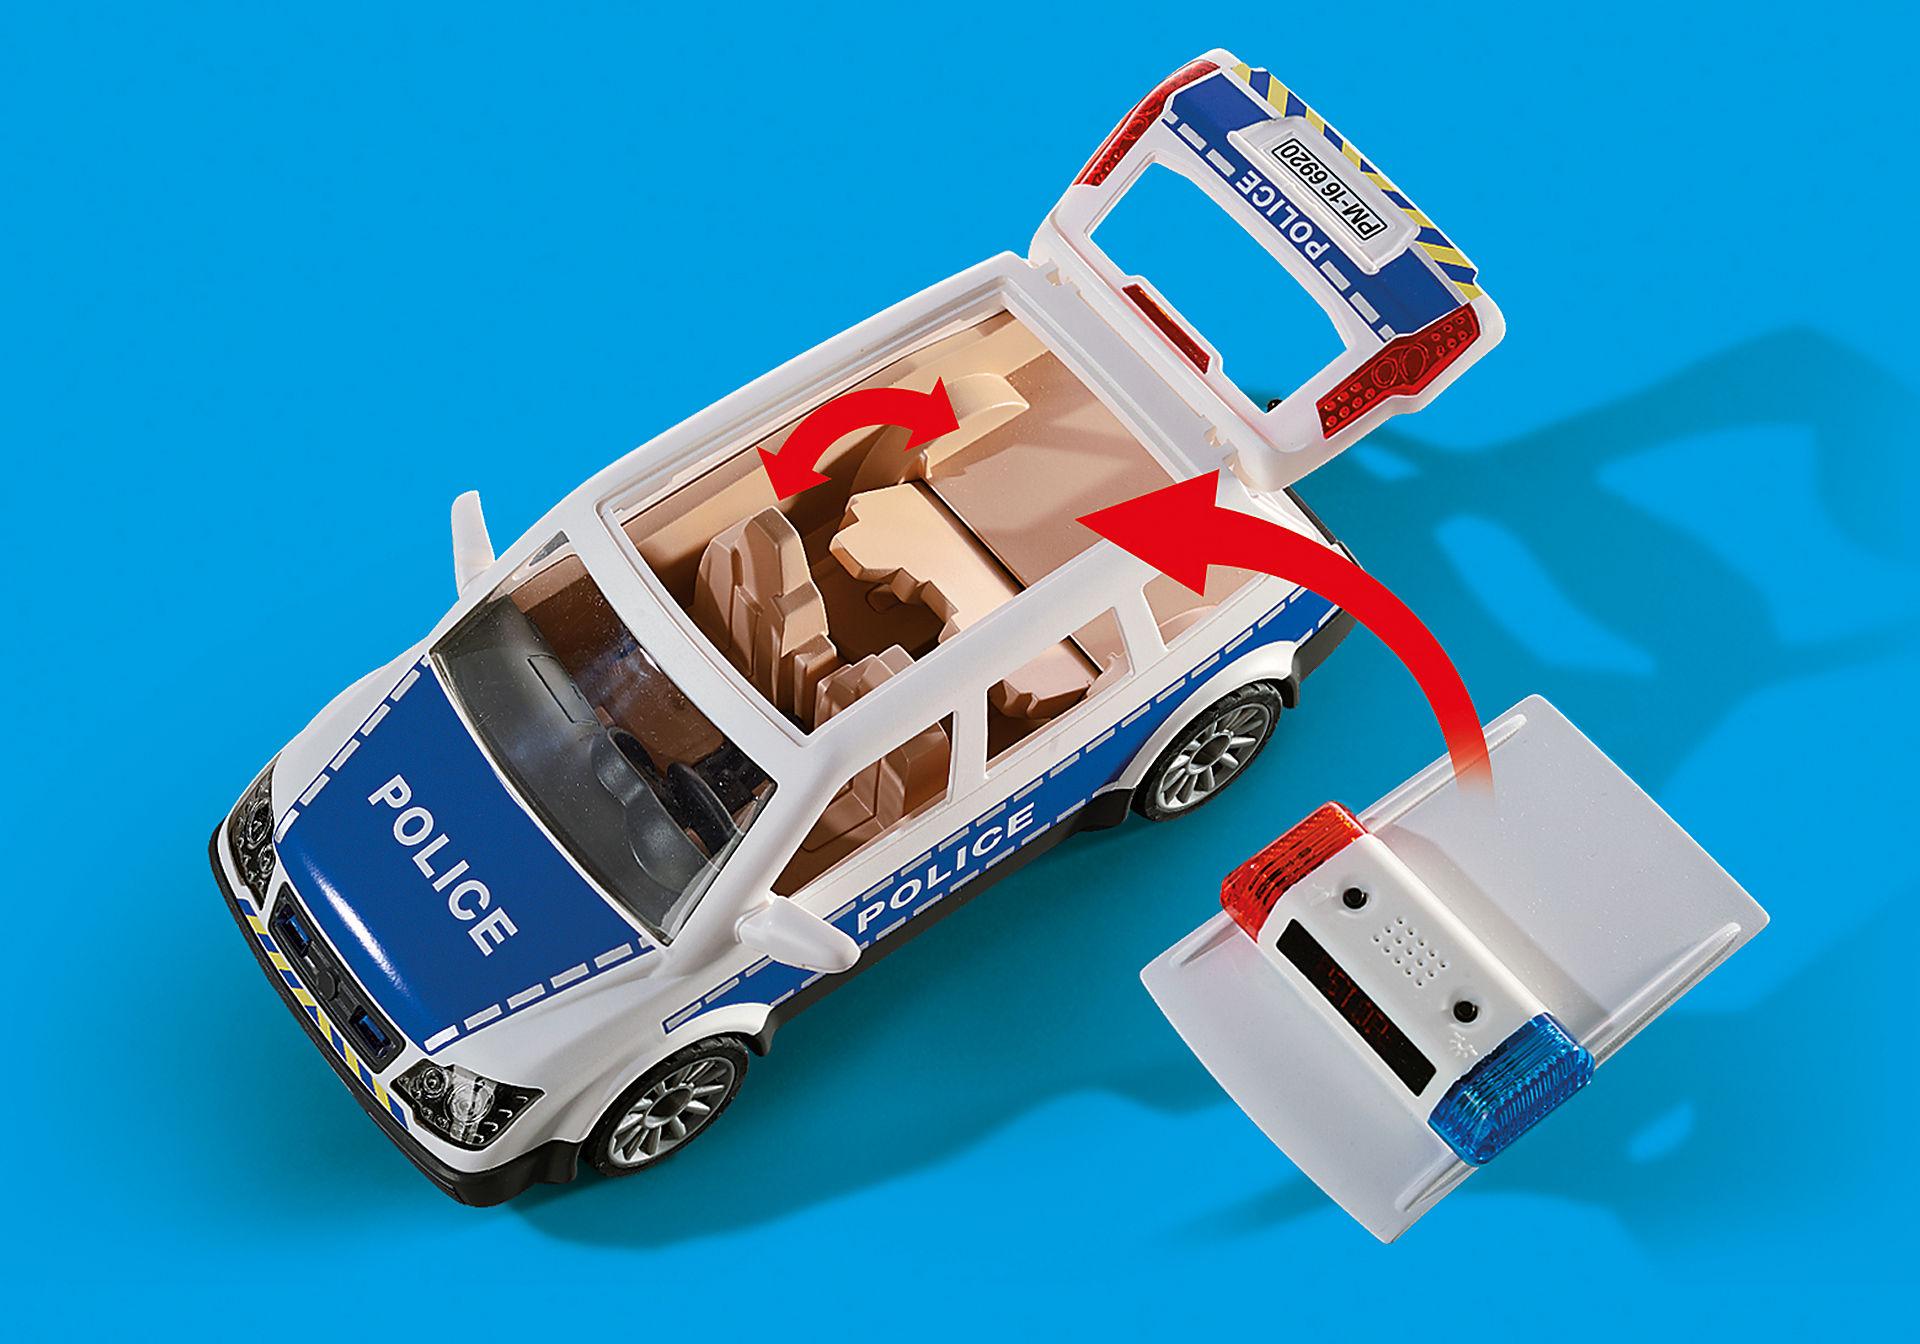 6873 Polizei-Einsatzwagen zoom image7